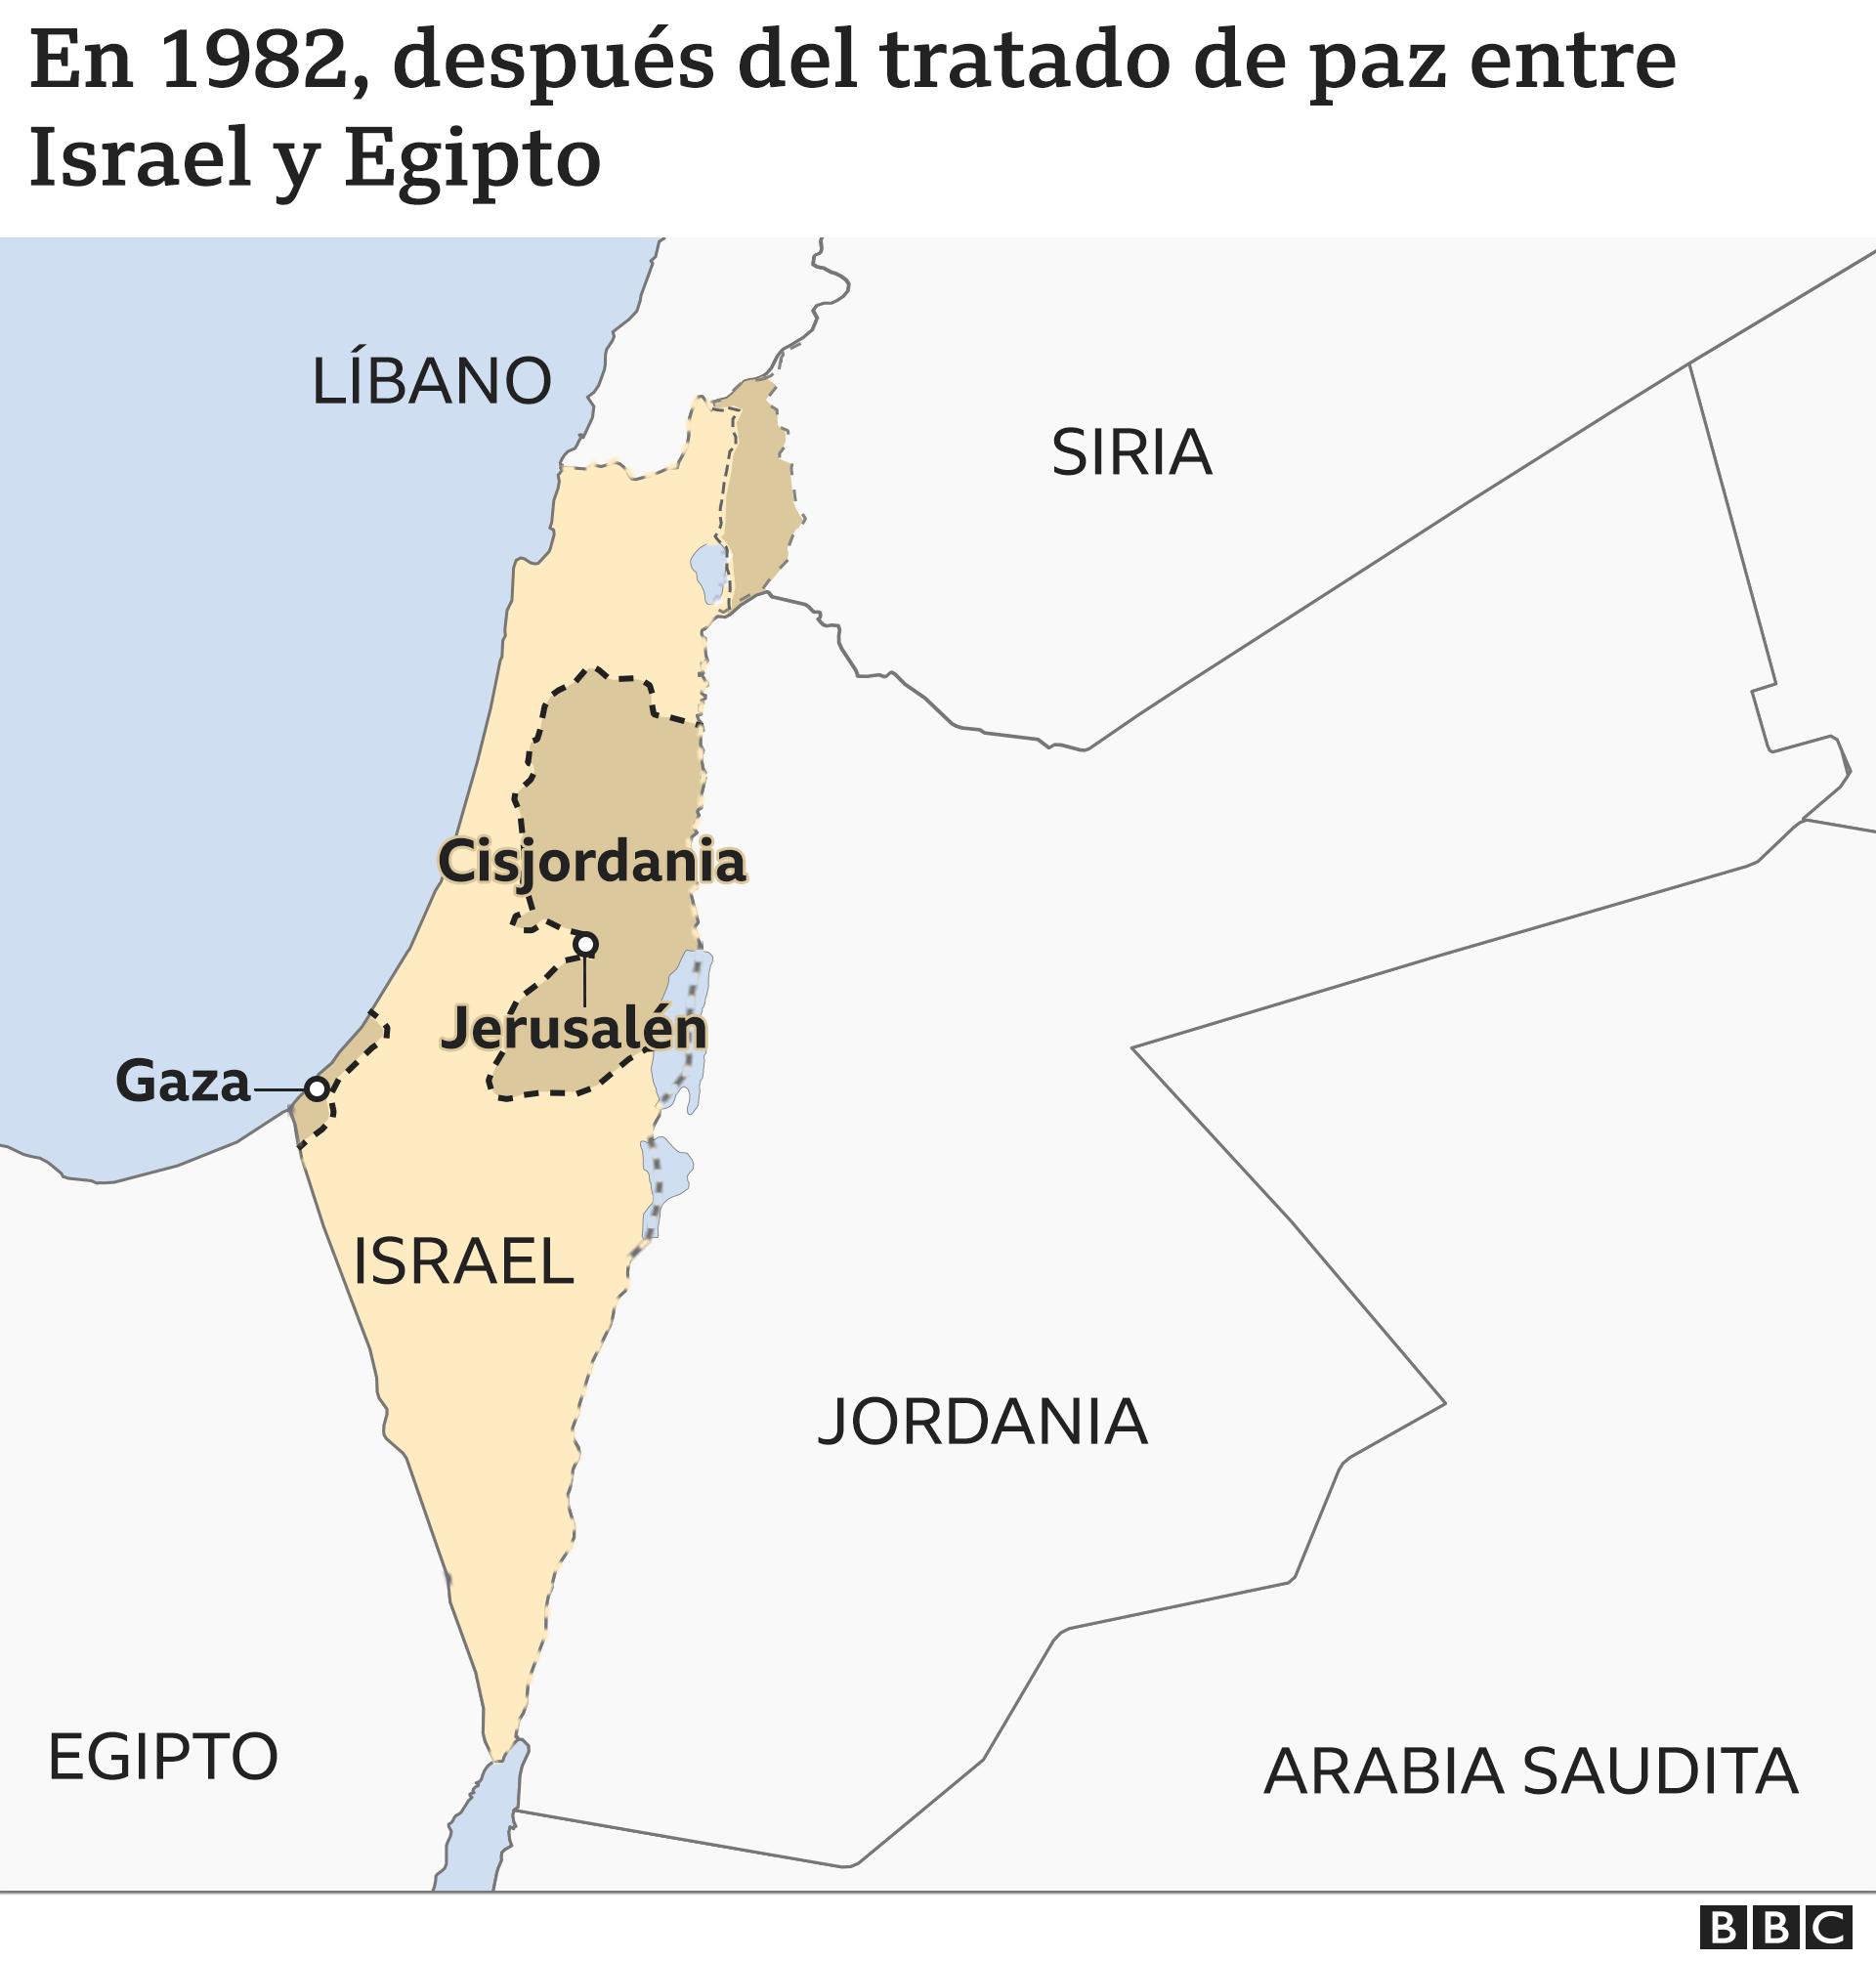 Mapa 5: en 1982, después del tratado de paz egipcio-israelí